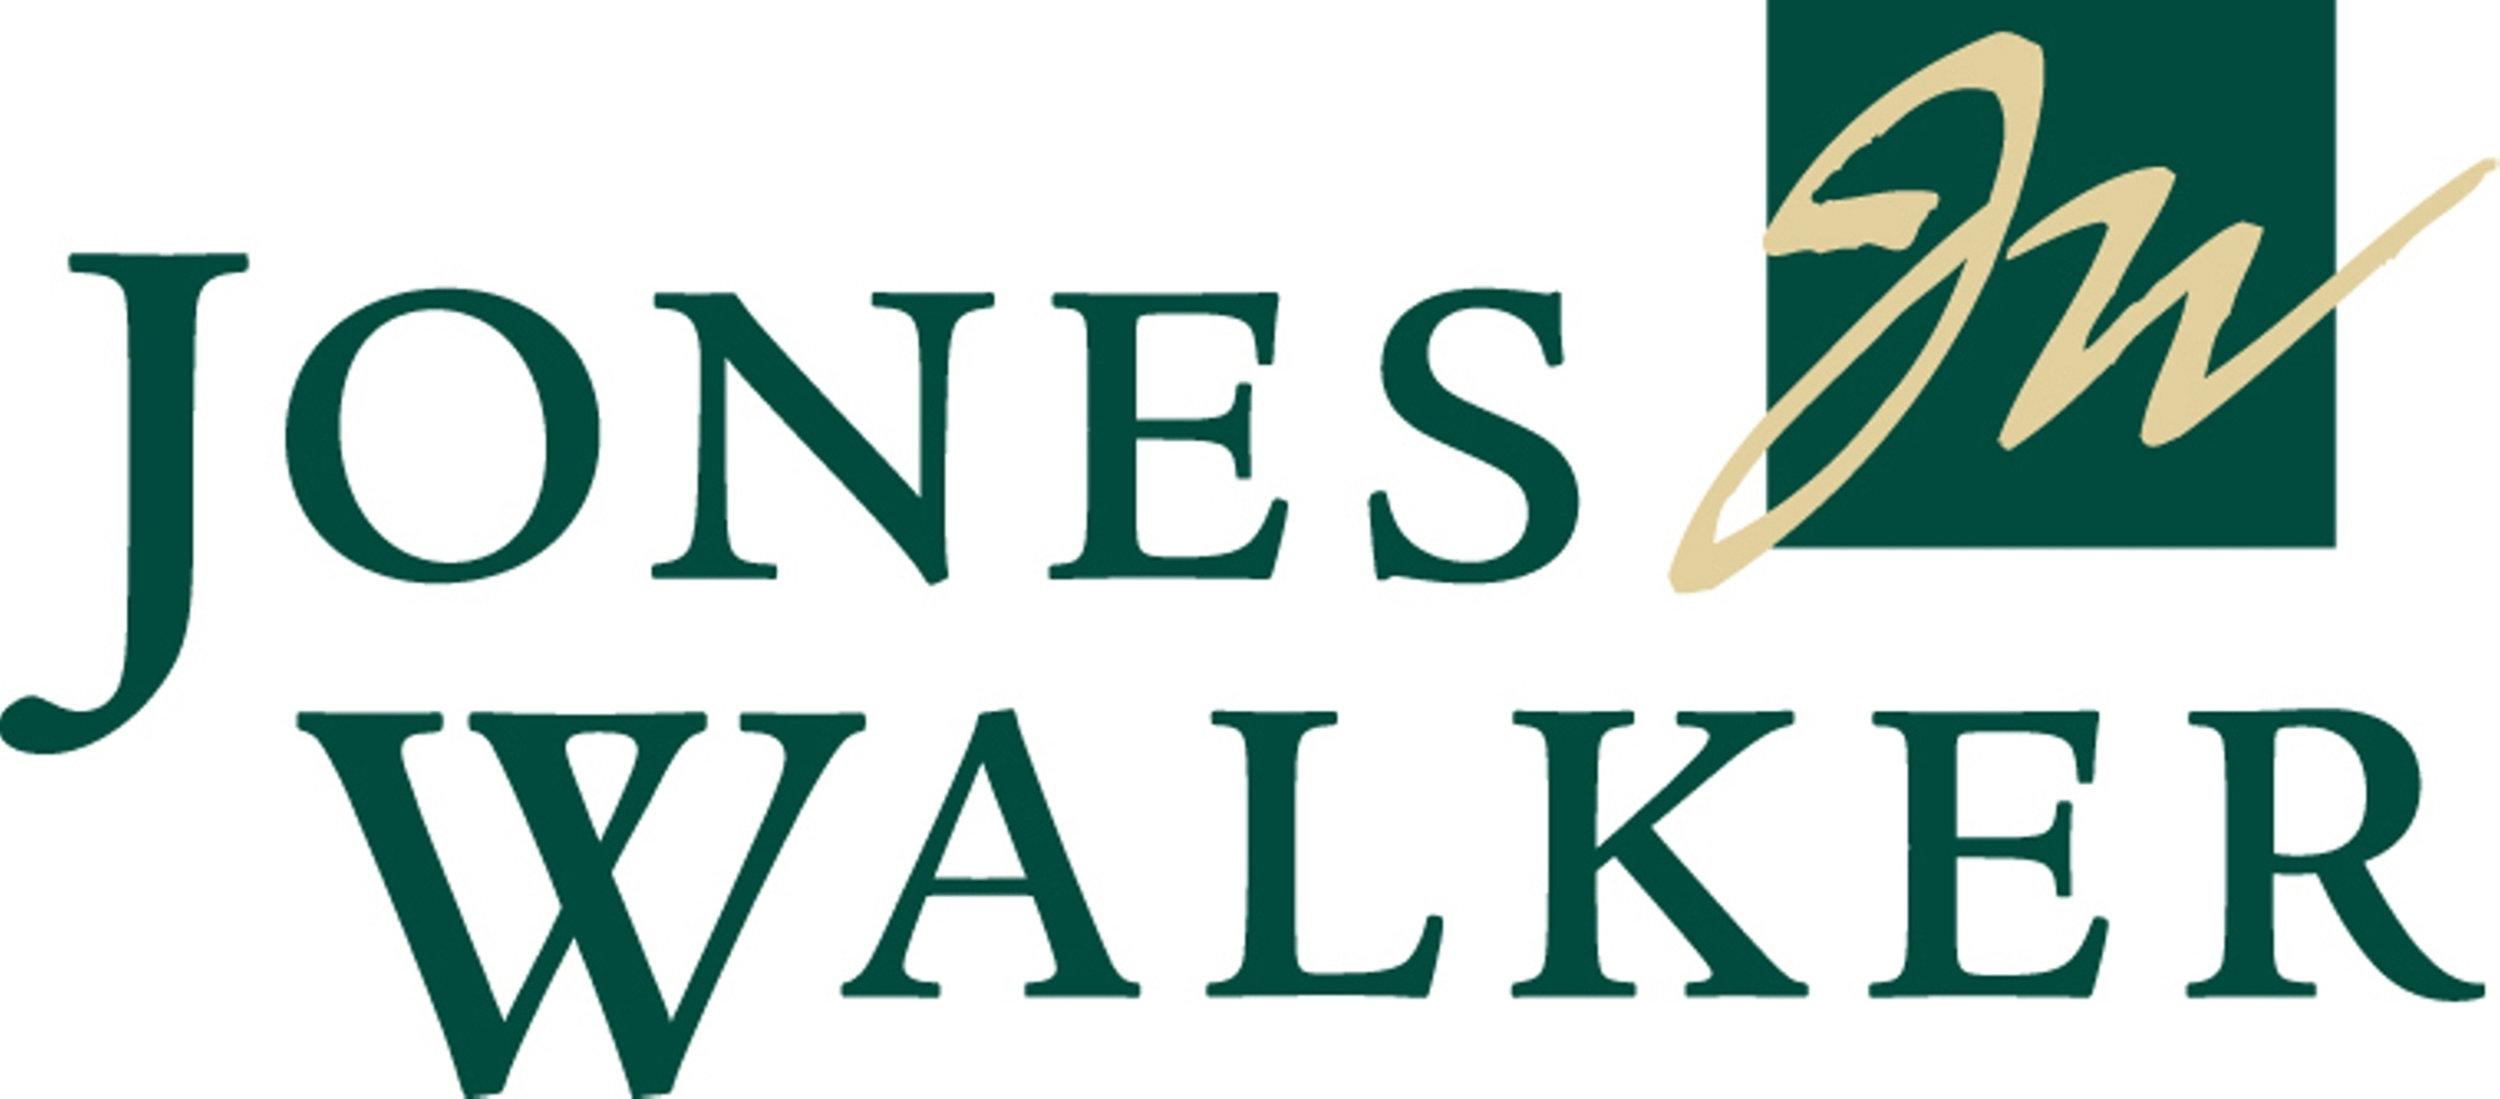 Jones Walker.jpg